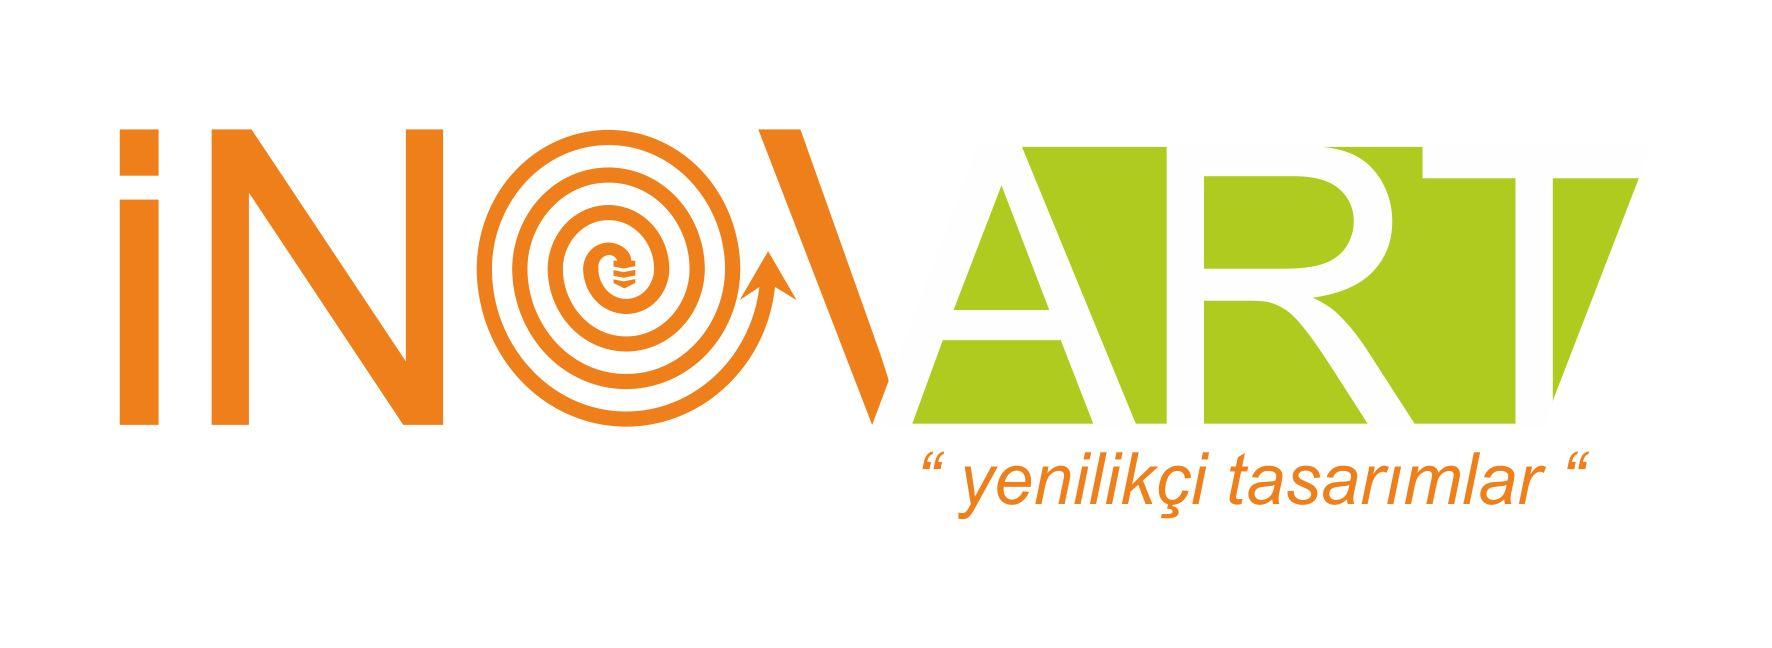 Inovart Fuarcılık & Organizasyon, Şti., İzmir